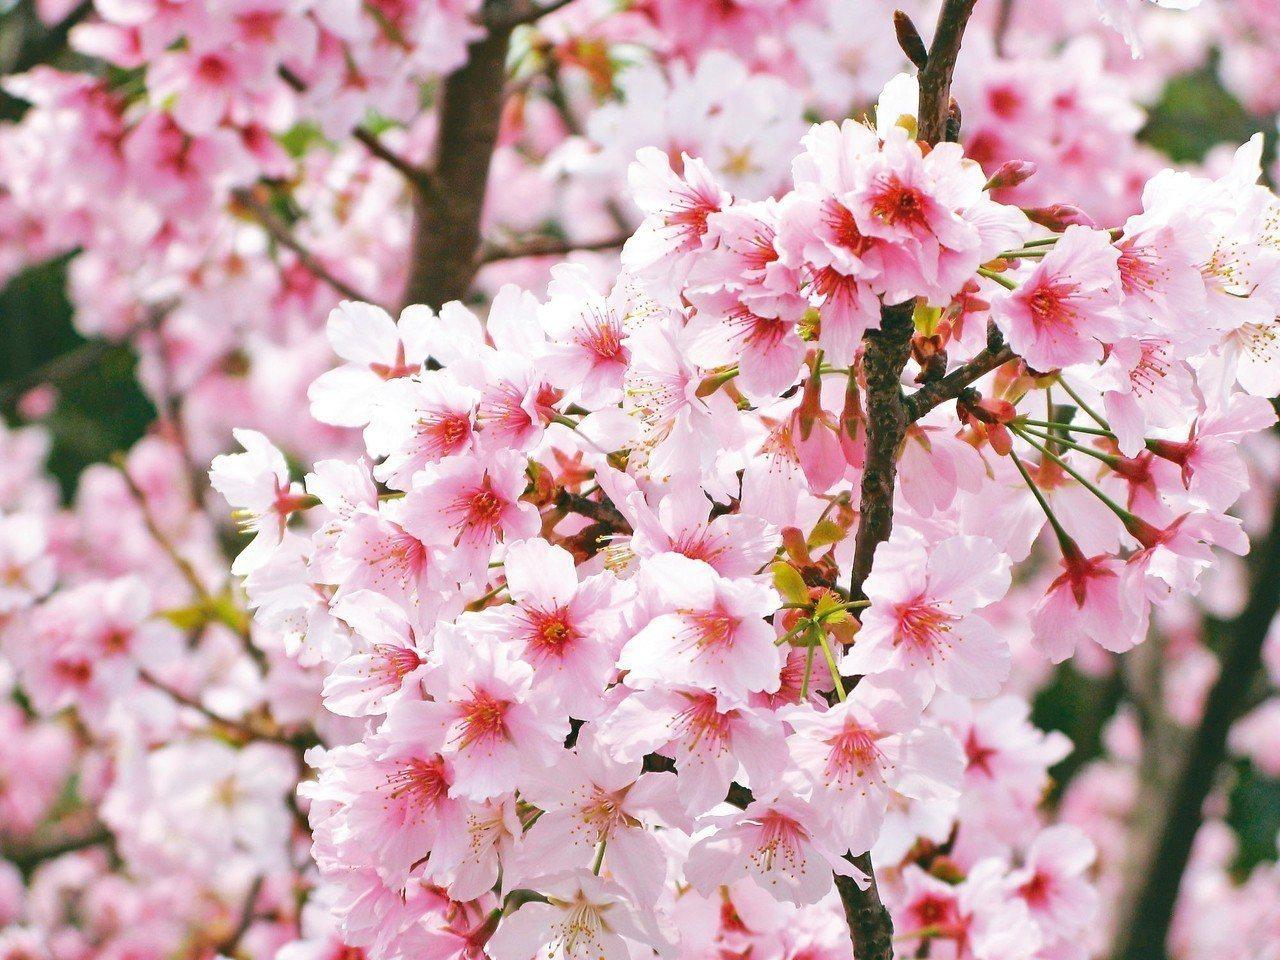 淡雅粉嫩的櫻花是陽明山花季主角。 圖╱台北市公園處提供